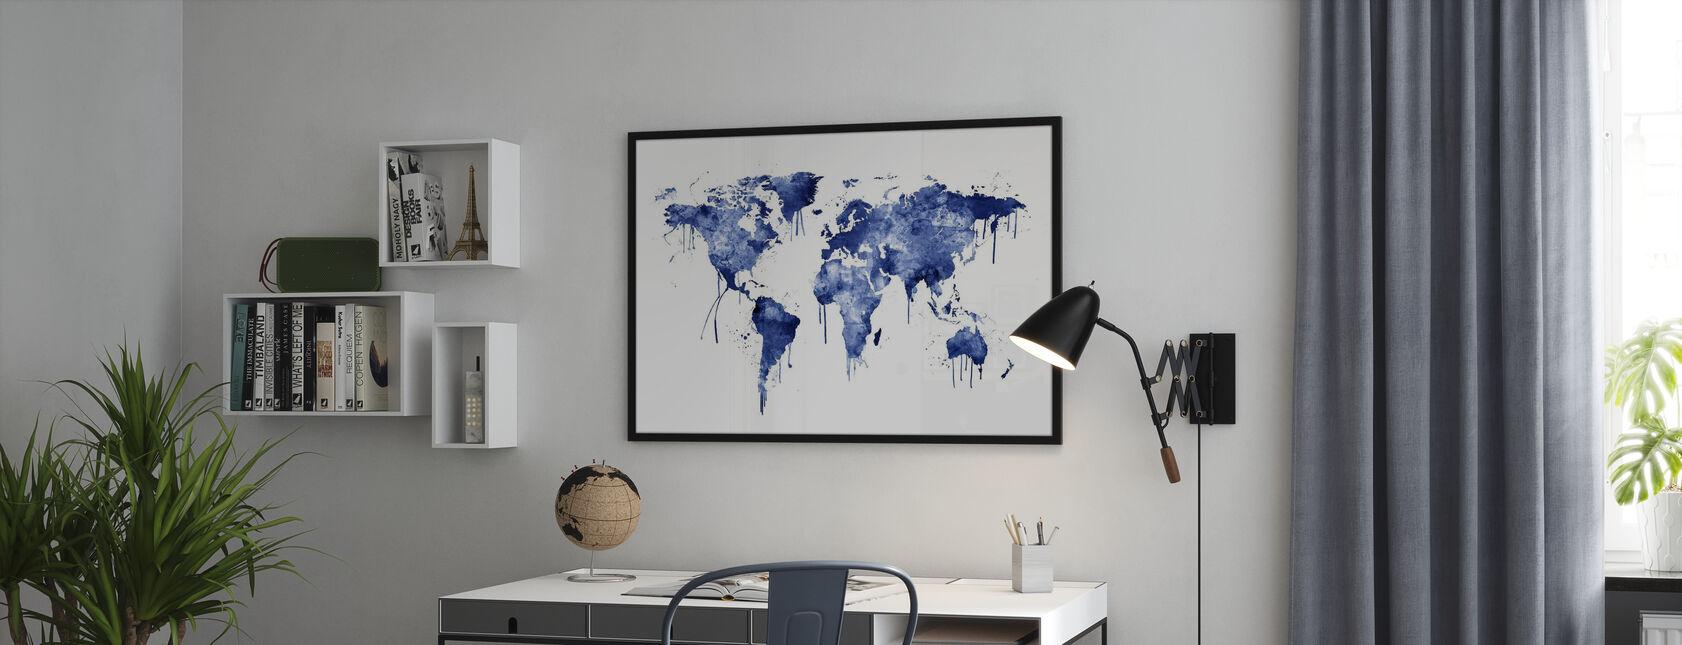 Vesiväri World Kartta Sininen - Kehystetty kuva - Toimisto